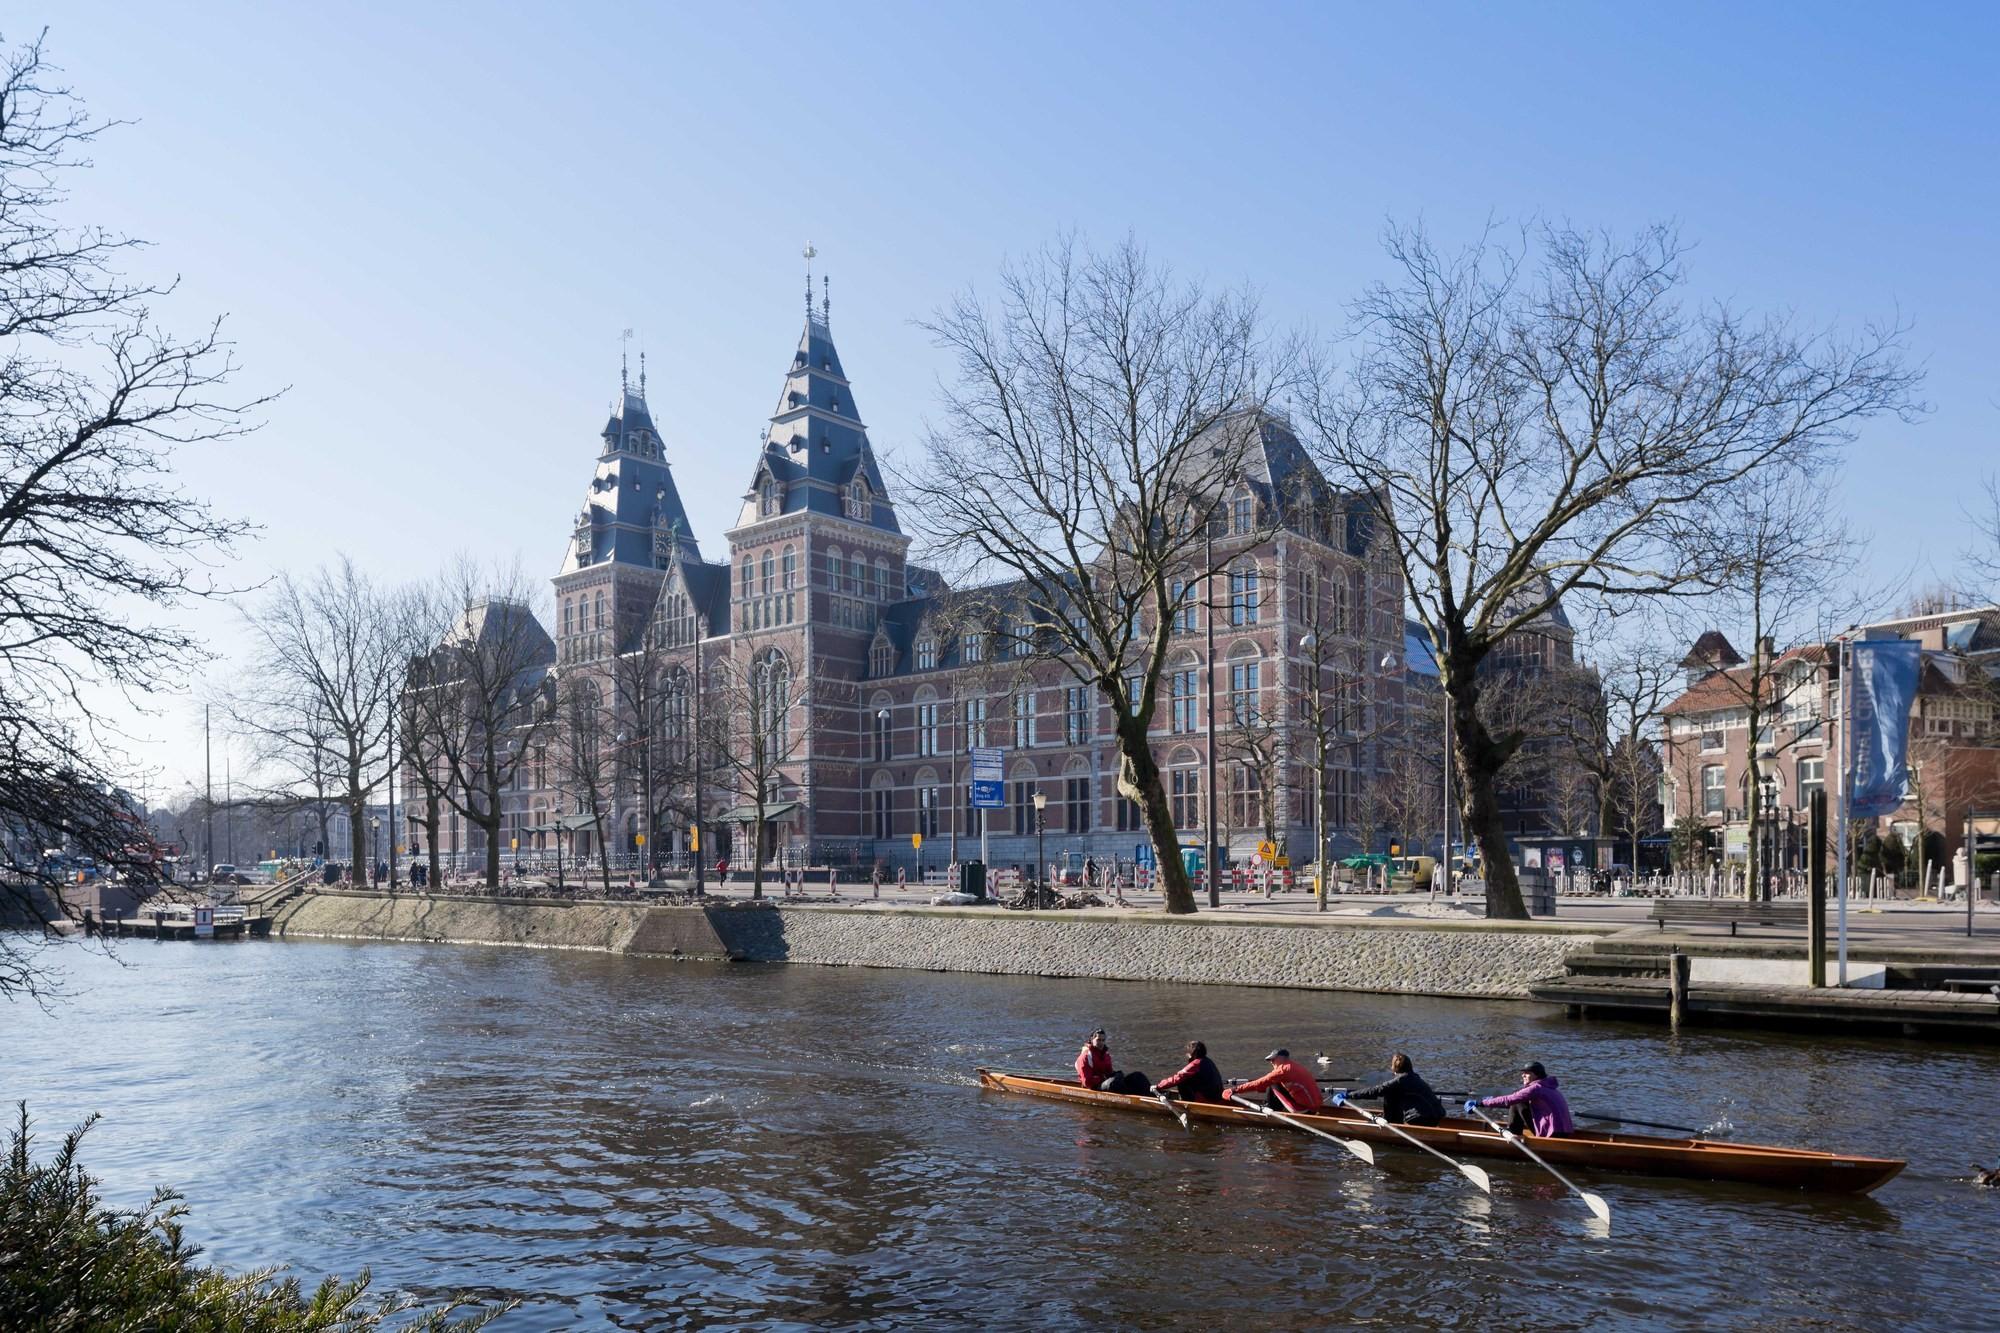 El Nuevo Rijksmuseum, de Cruz y Ortiz Arquitectos, es escogido 'Museo Europeo del Año', Rijksmuseum en Ámsterdam. Image © Iwan Baan